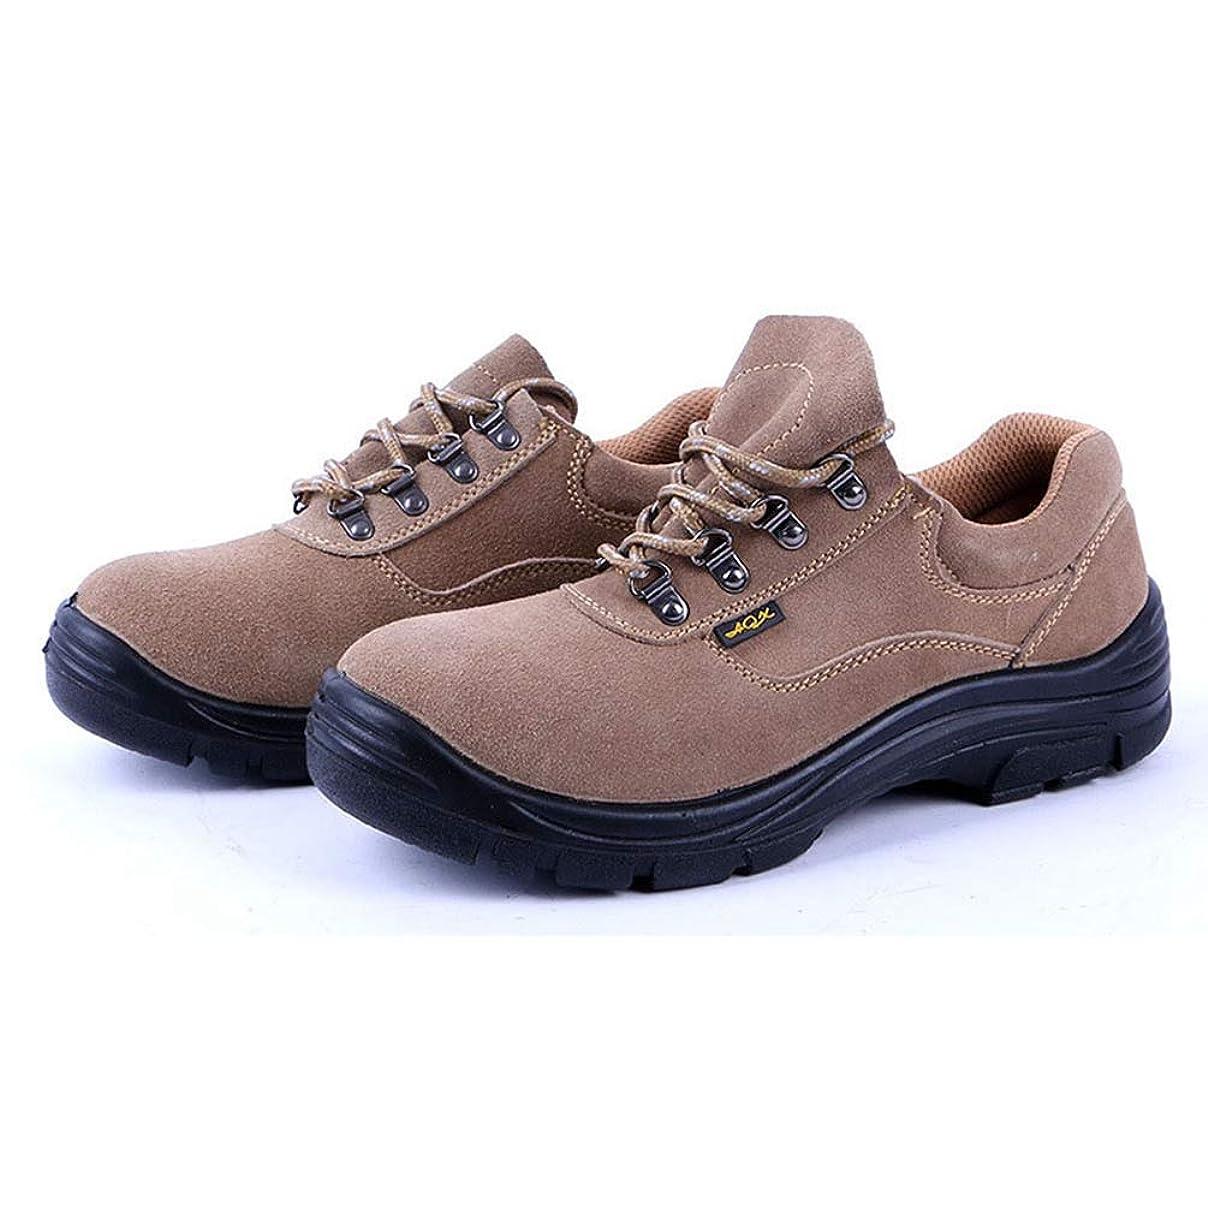 避難炭素僕の[Volerii] 作業靴 保護靴 ワークシューズ メンズ 安全シューズ 耐酸 耐アルカリ 滑り止め加工 つま先保護プレート 抗菌 防臭 疲れにくい 衝撃吸収 防刺 アンチショック 柔らかい履き口 歩きやすい 四季通用